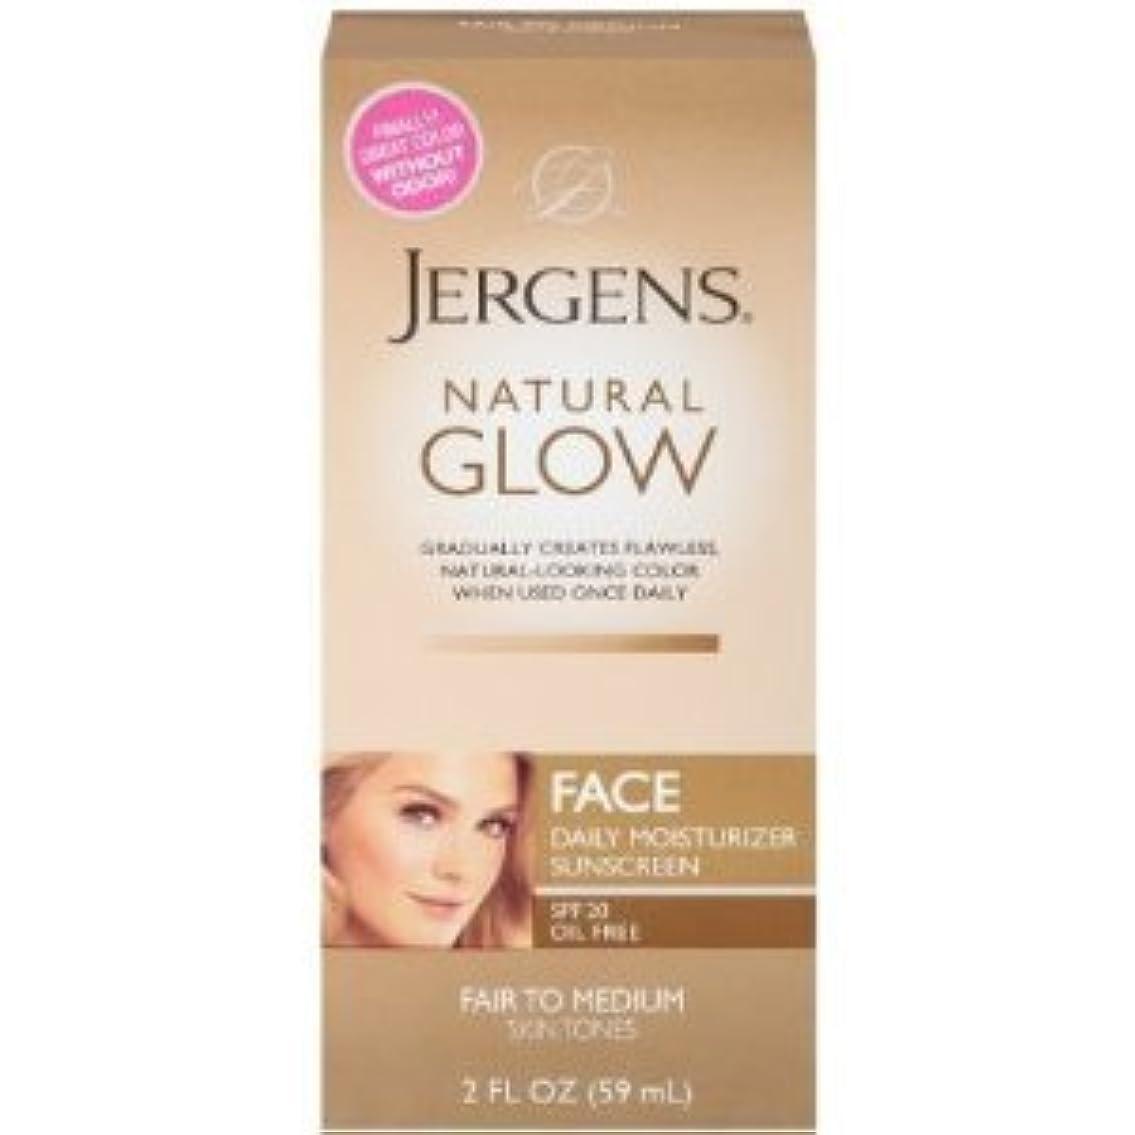 受ける誘惑する役職Natural Glow Healthy Complexion Daily Facial Moisturizer, SPF 20, Fair to Medium Tan, (59ml) (海外直送品)